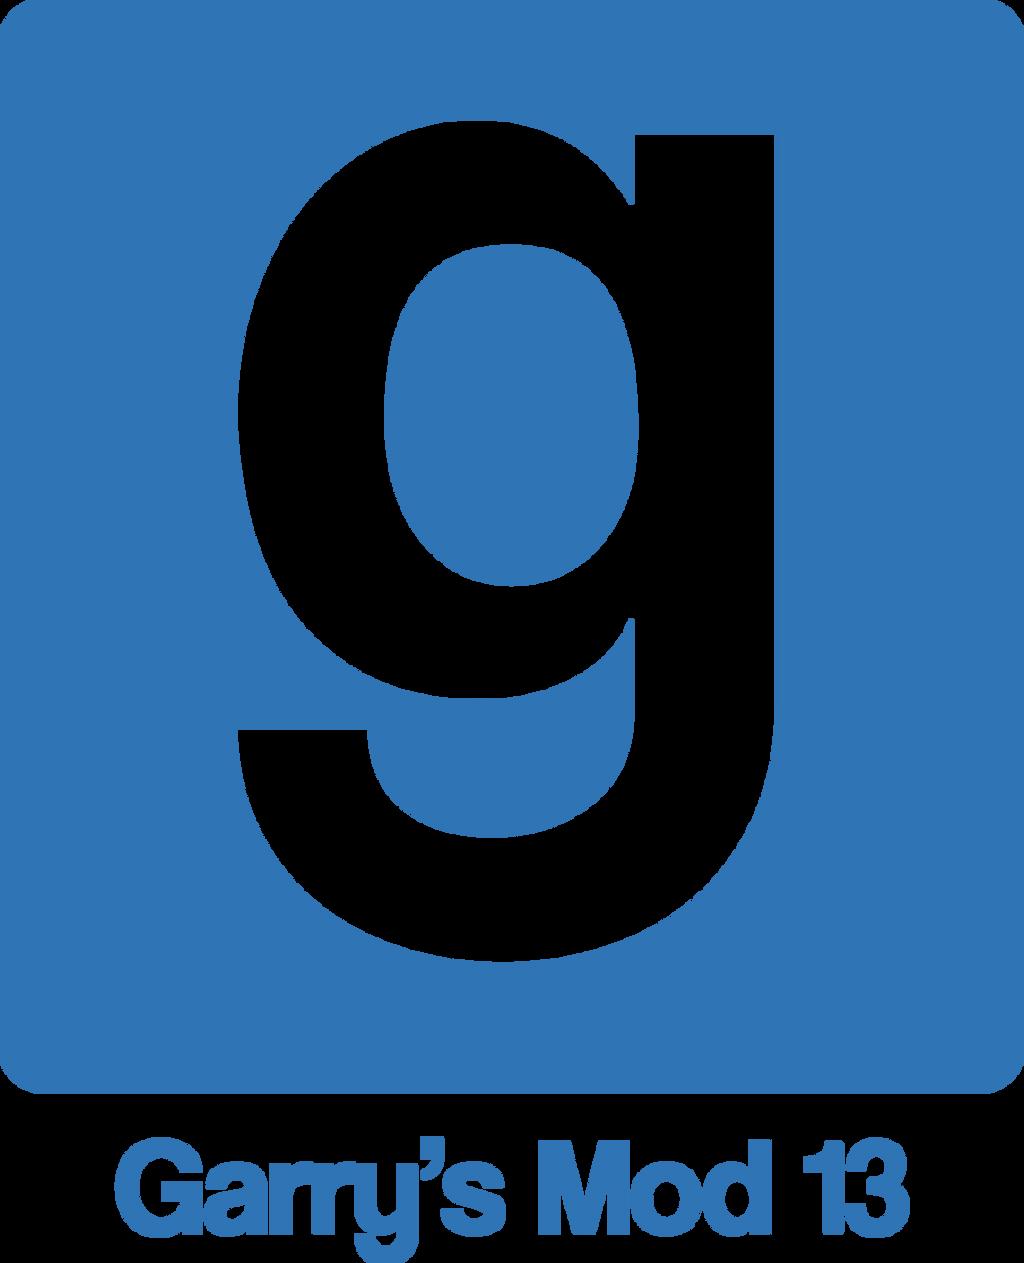 Garrys Mod - Region Free